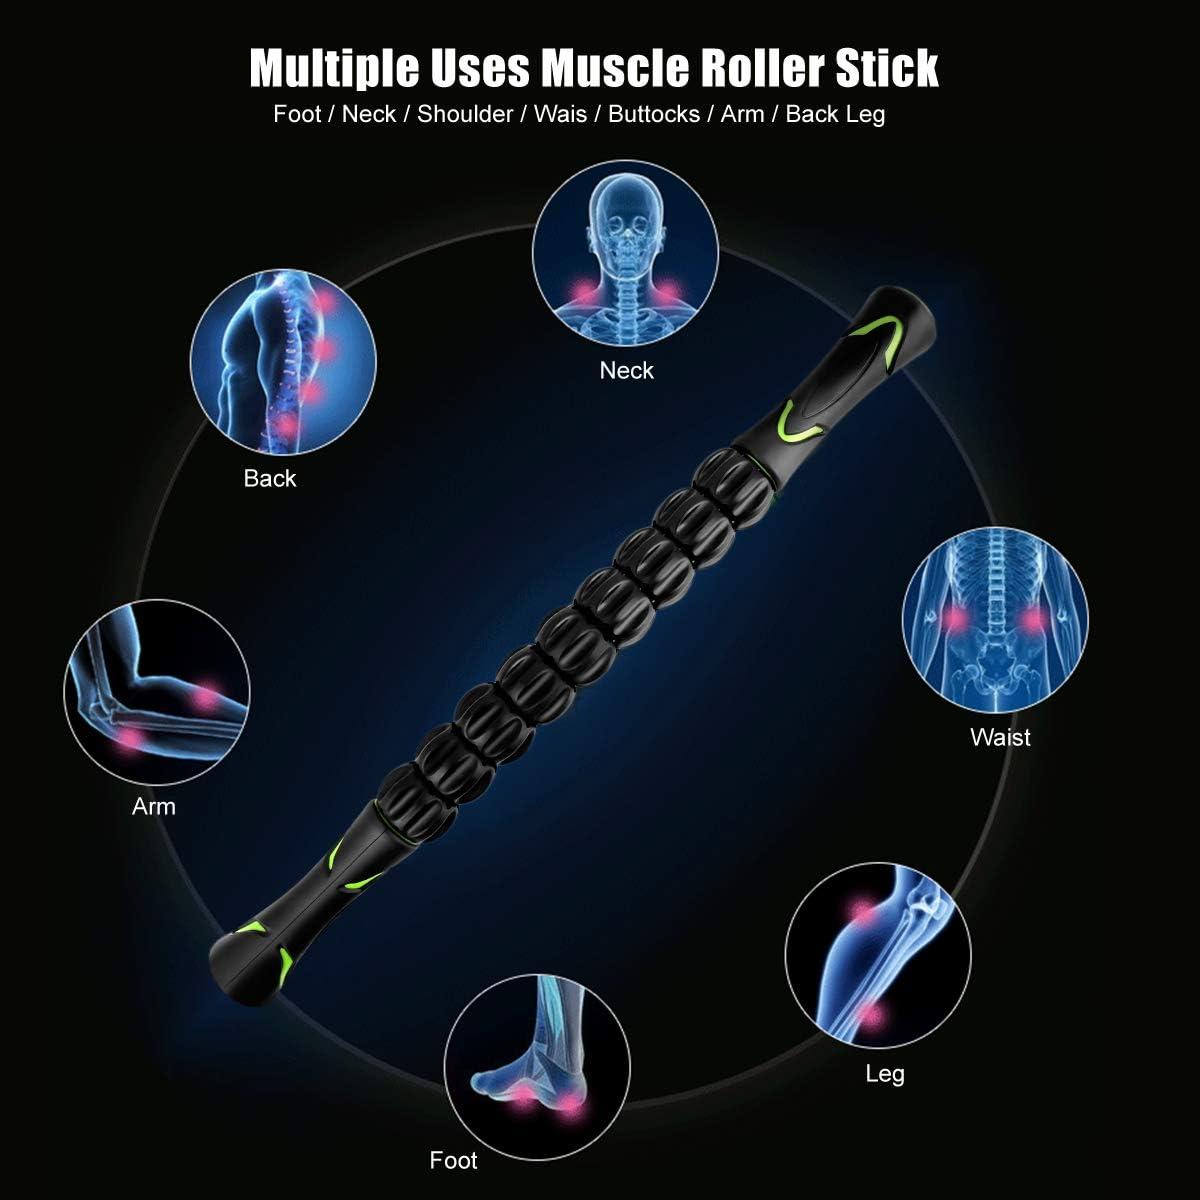 Entlastung Muskelkater Physiotherapie Ultraportabel Massageger/ät Tiefenmassagerolle f/ür Triggerpunkte CHAOCHI Massageroller Muskel Roller Stick